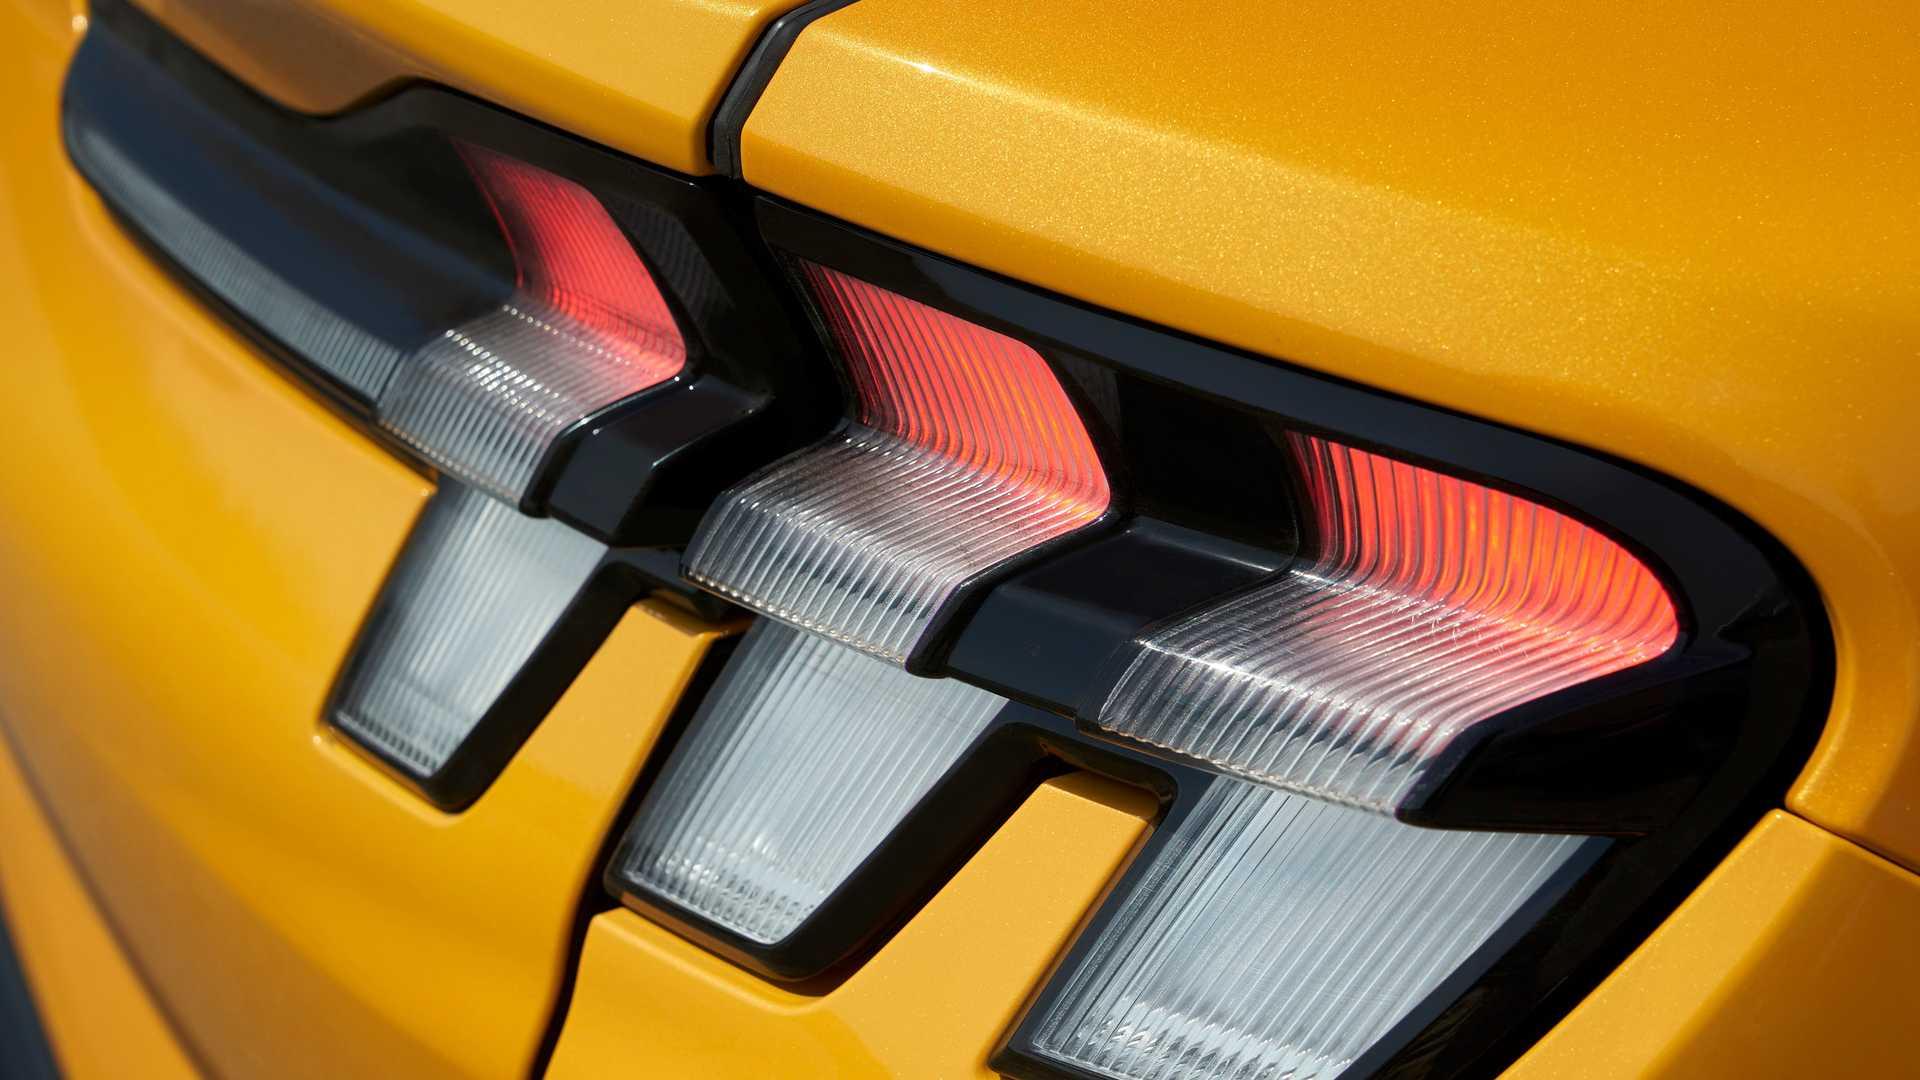 Chỉ dành cho những người mua xe điện Mach-E hoài cổ, Ford đã tạo ra một loại nước hoa có mùi xăng - 5